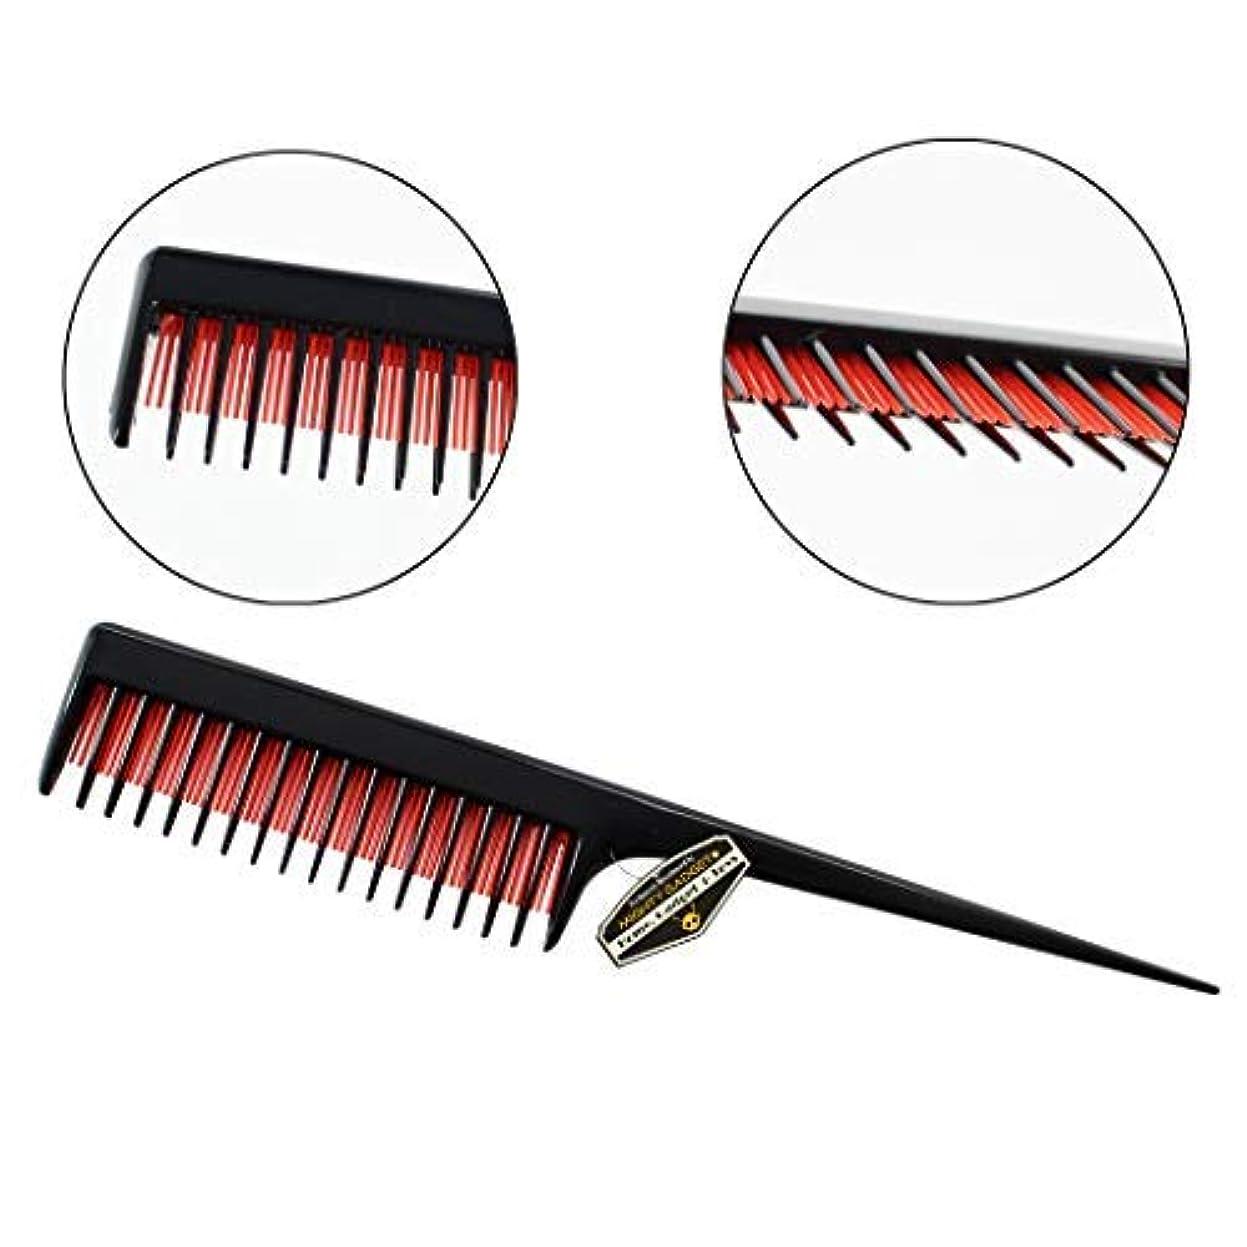 尾見つけるサラミ3 Pack of Mighty Gadget 8 inch Teasing Comb - Rat Tail Comb for Back Combing, Root Teasing, Adding Volume, Evening Styling for Thin, Fine and Normal Hair Types [並行輸入品]